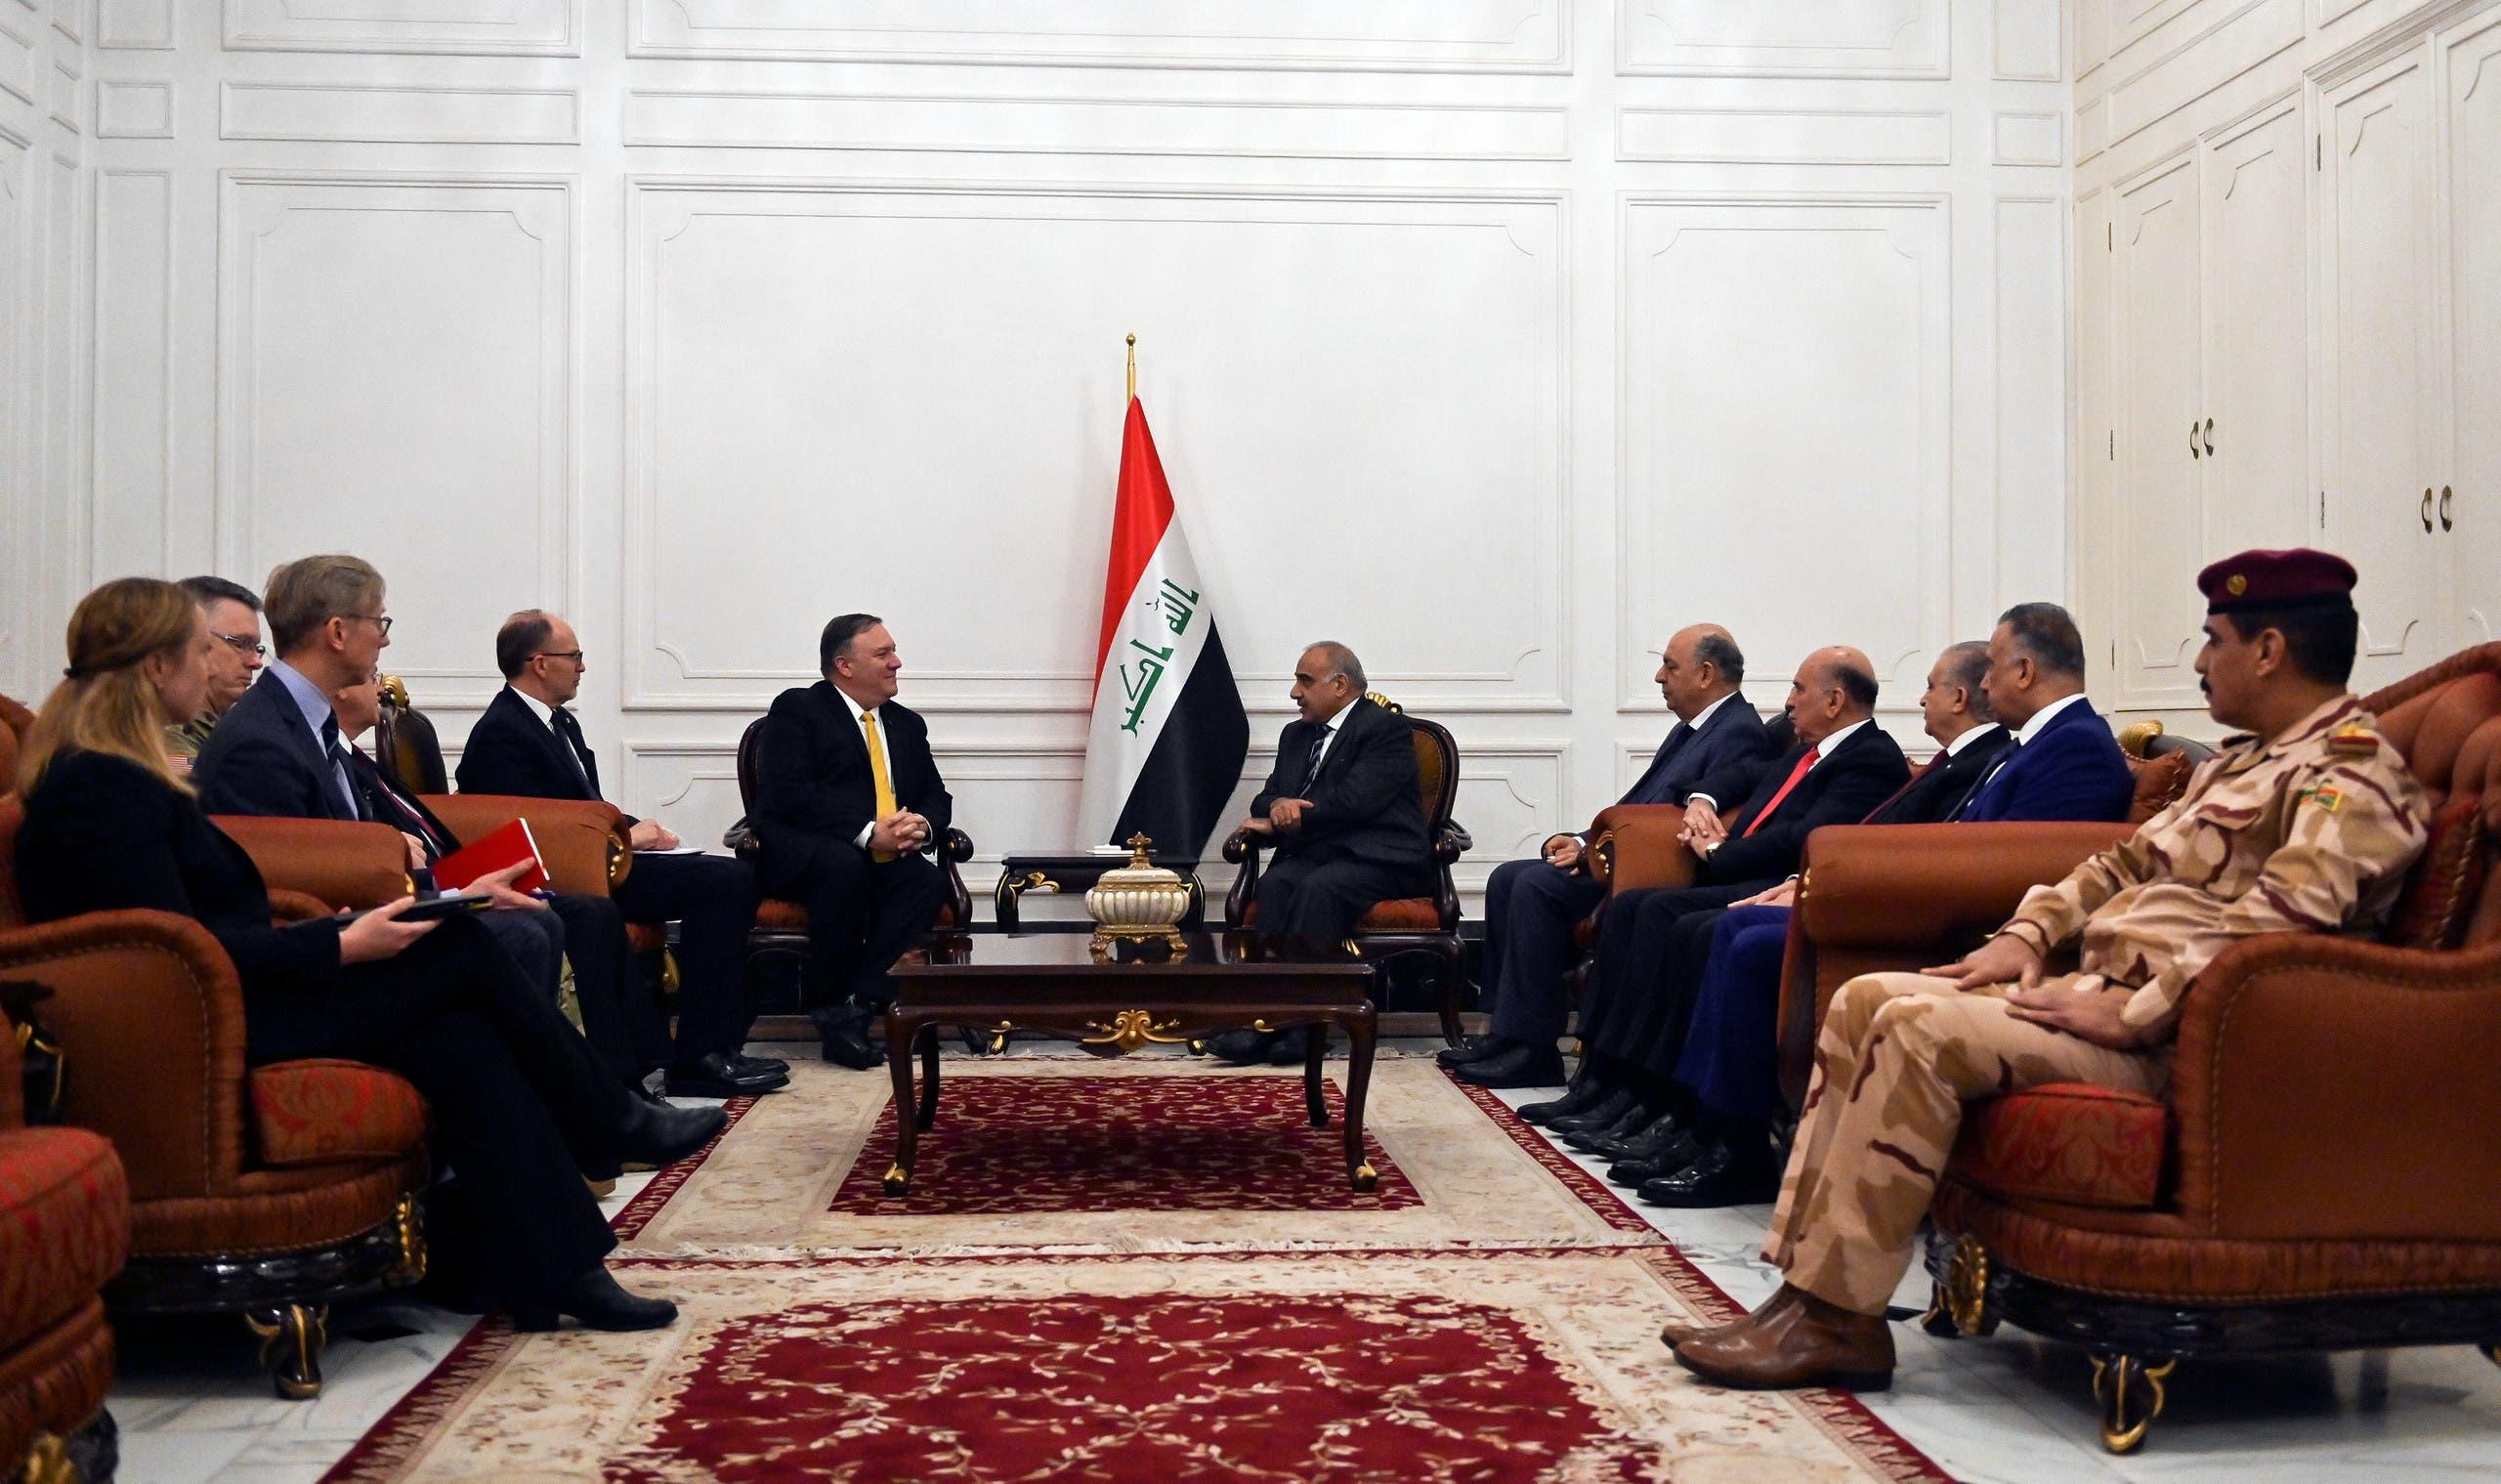 رئيس الوزراء العراقي ووزير الخارجية الأميركي